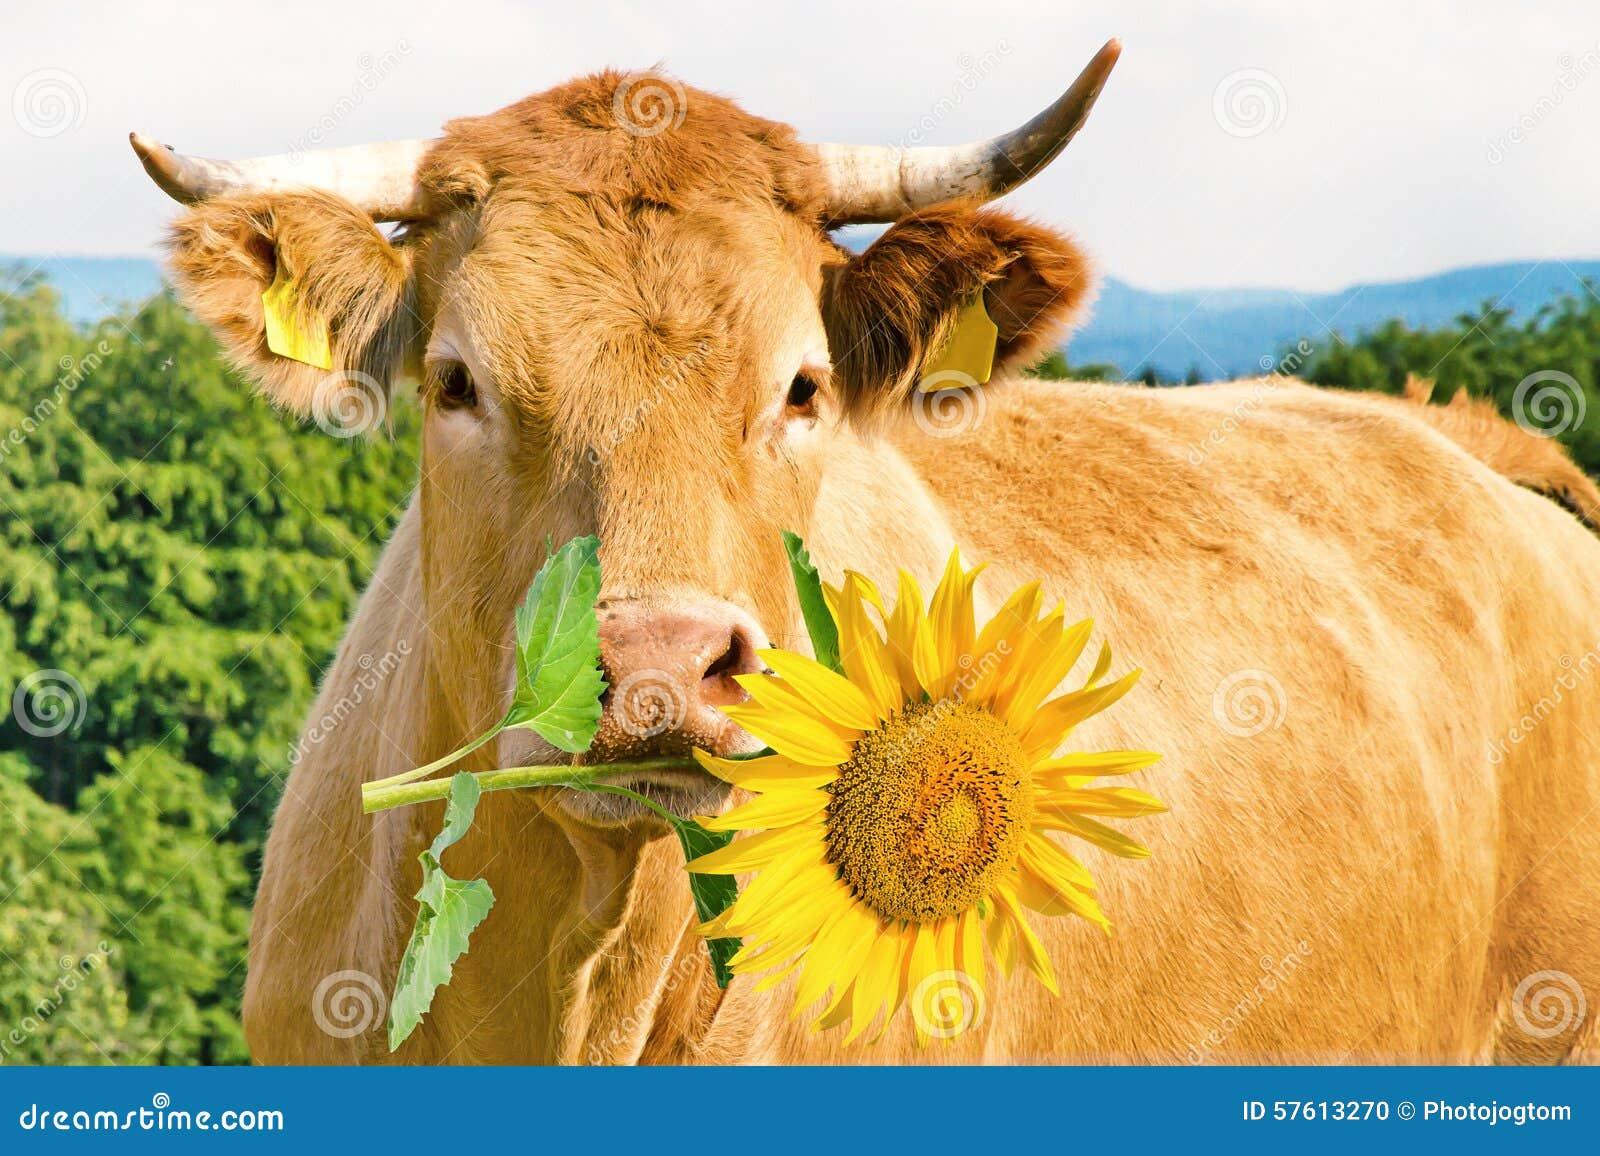 Vache dr le avec la fleur photo stock image du animal 57613270 - Photo de vache drole ...